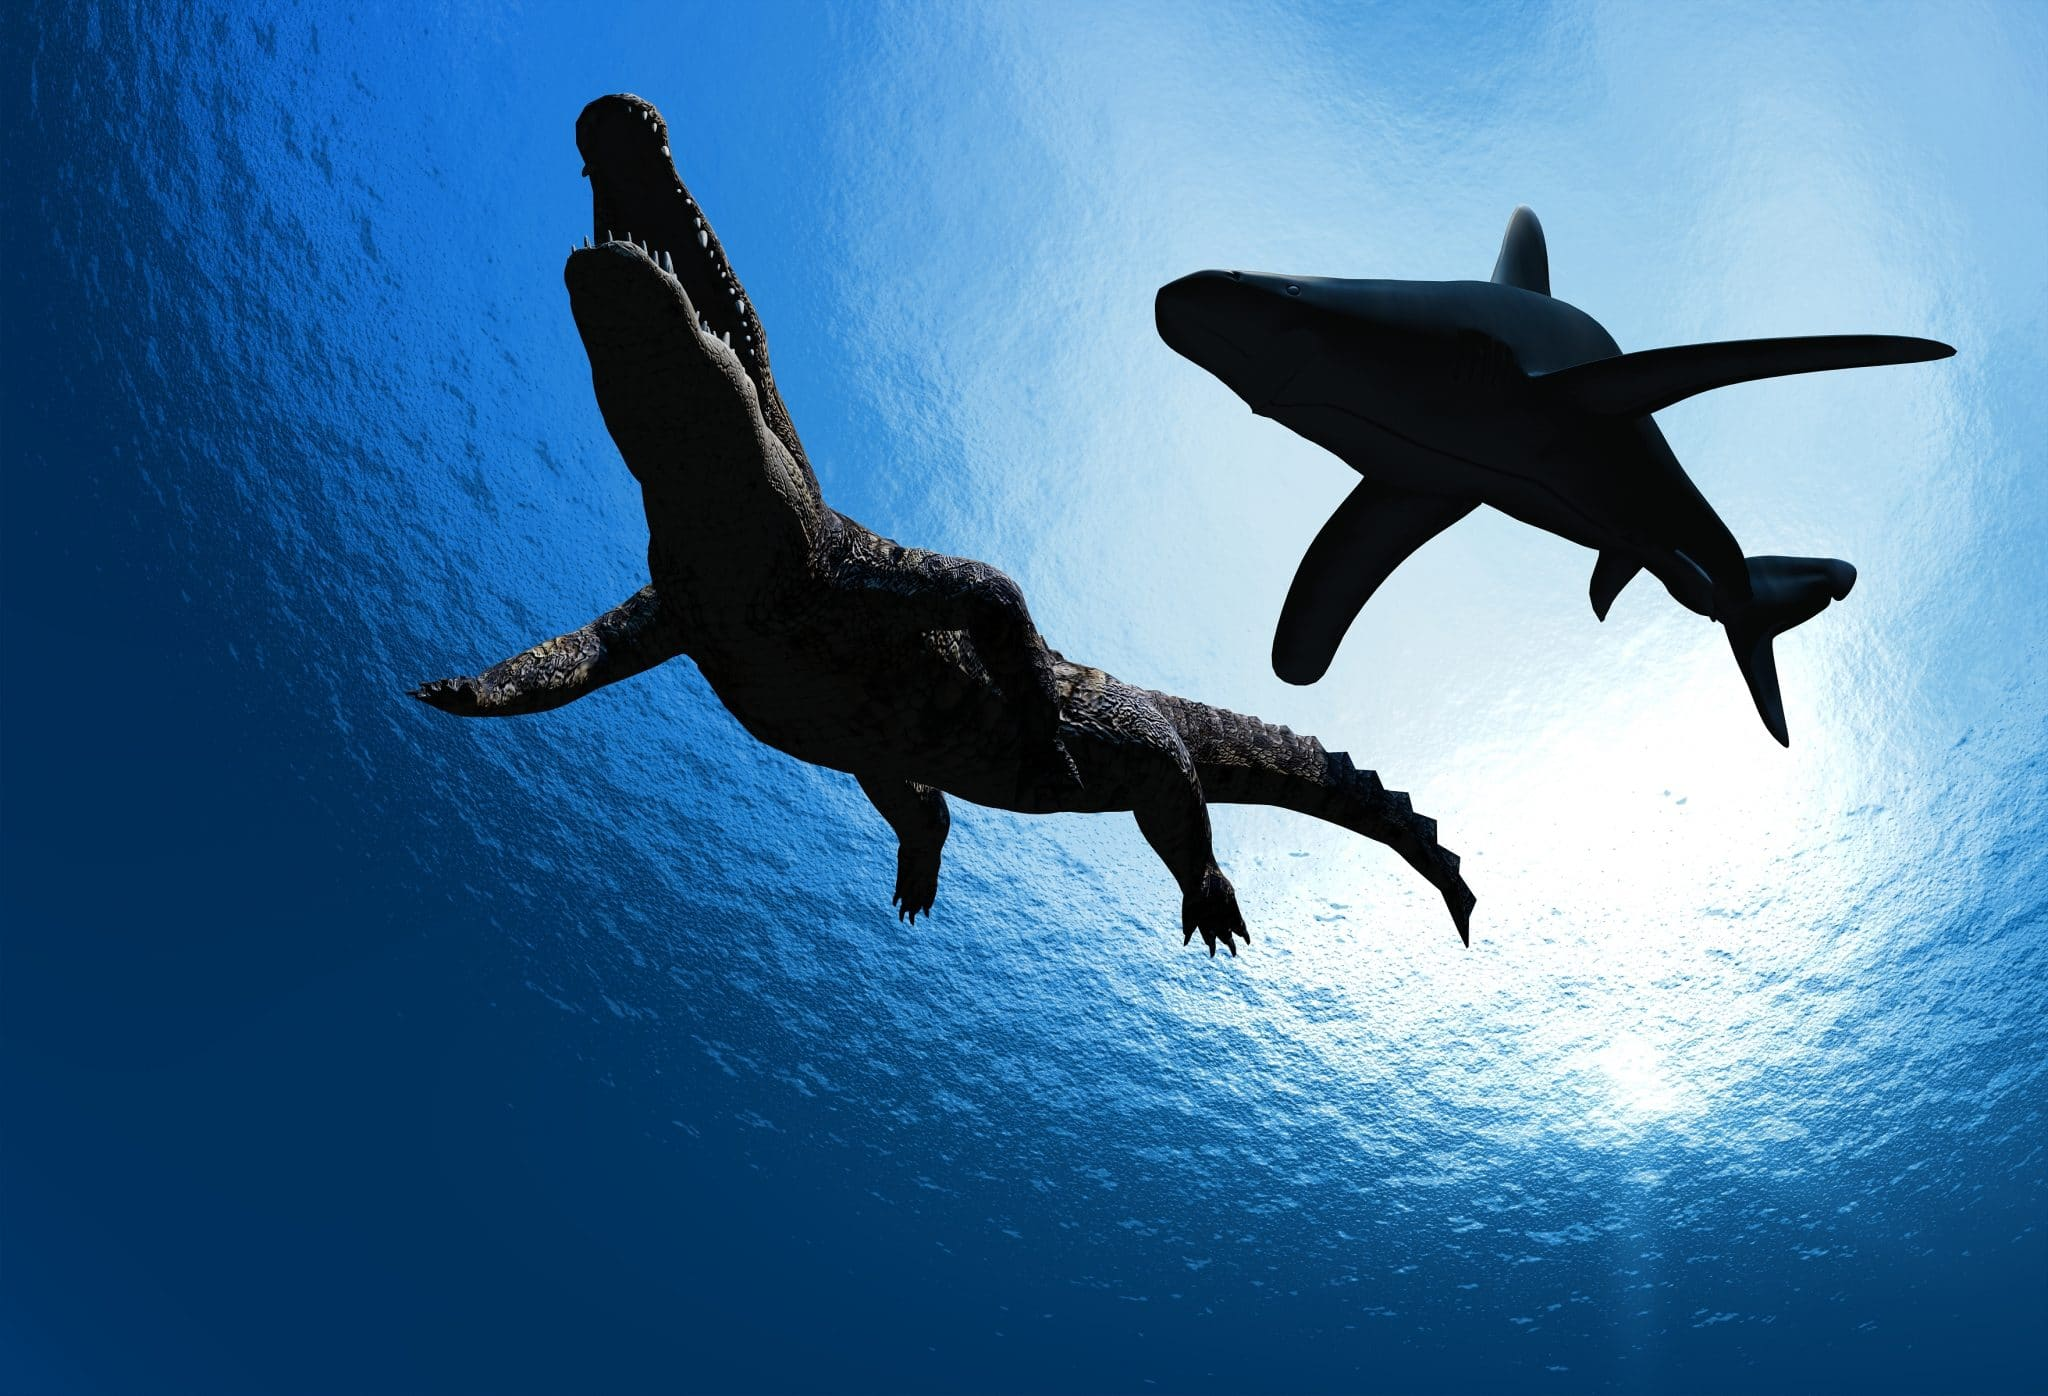 Spektakul-res-Video-Hai-jagt-Krokodil-in-Australien